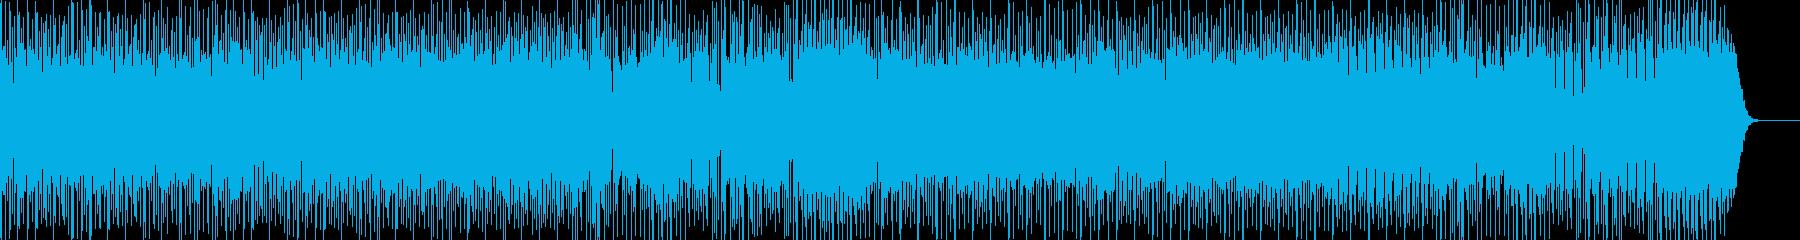 おふざけEDMの再生済みの波形